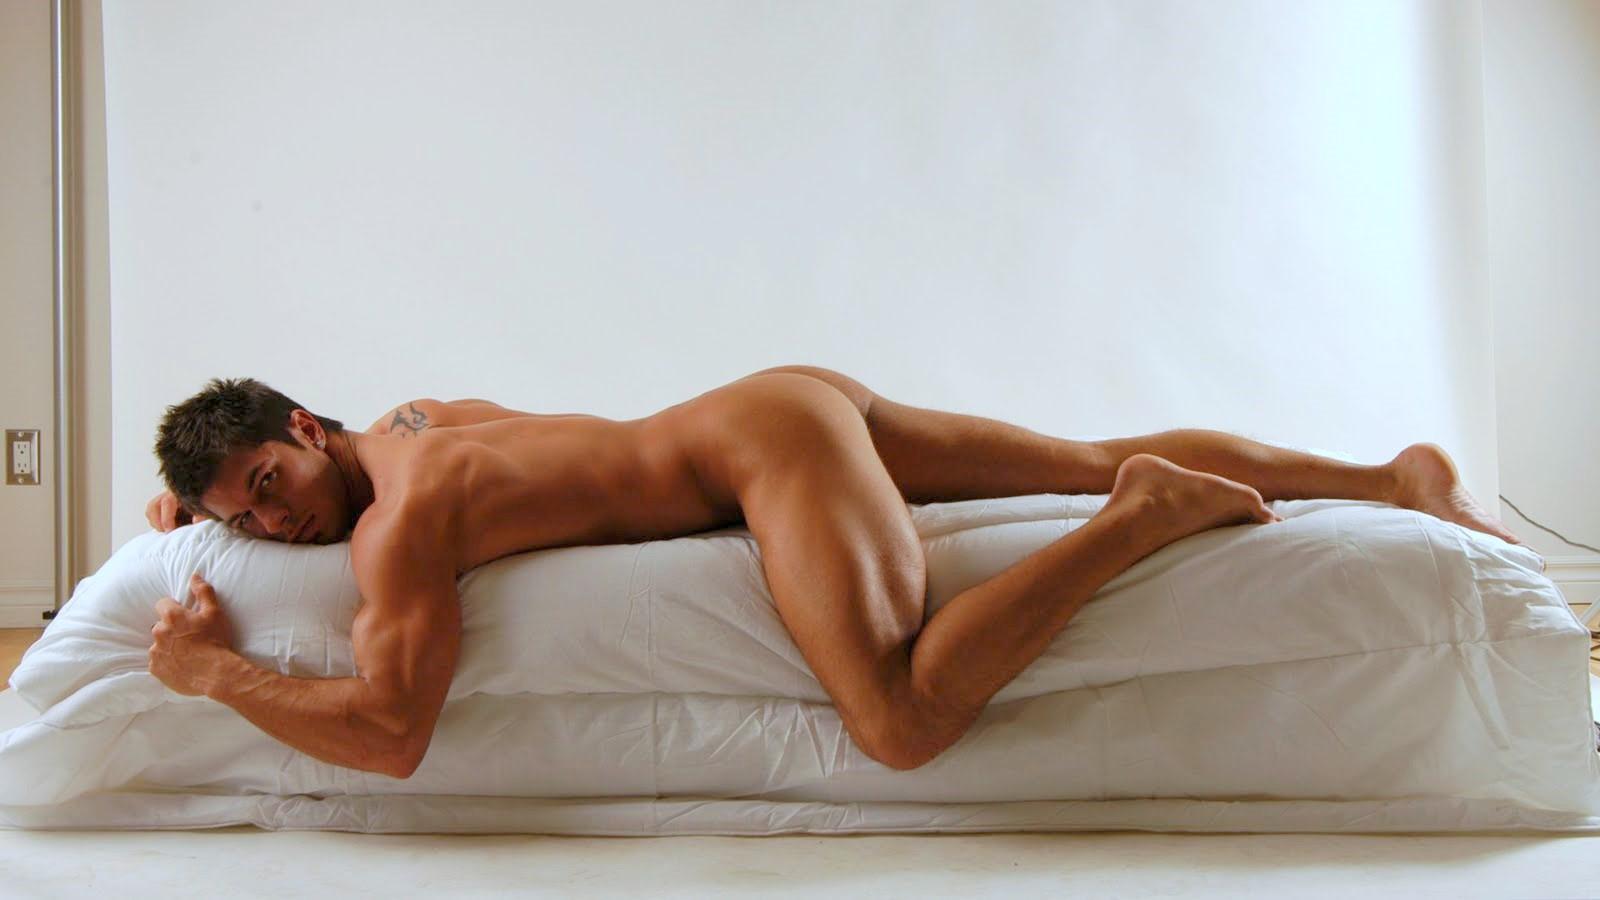 Эротика мужики голые, Голые парни: порно видео онлайн, смотреть порно на 6 фотография